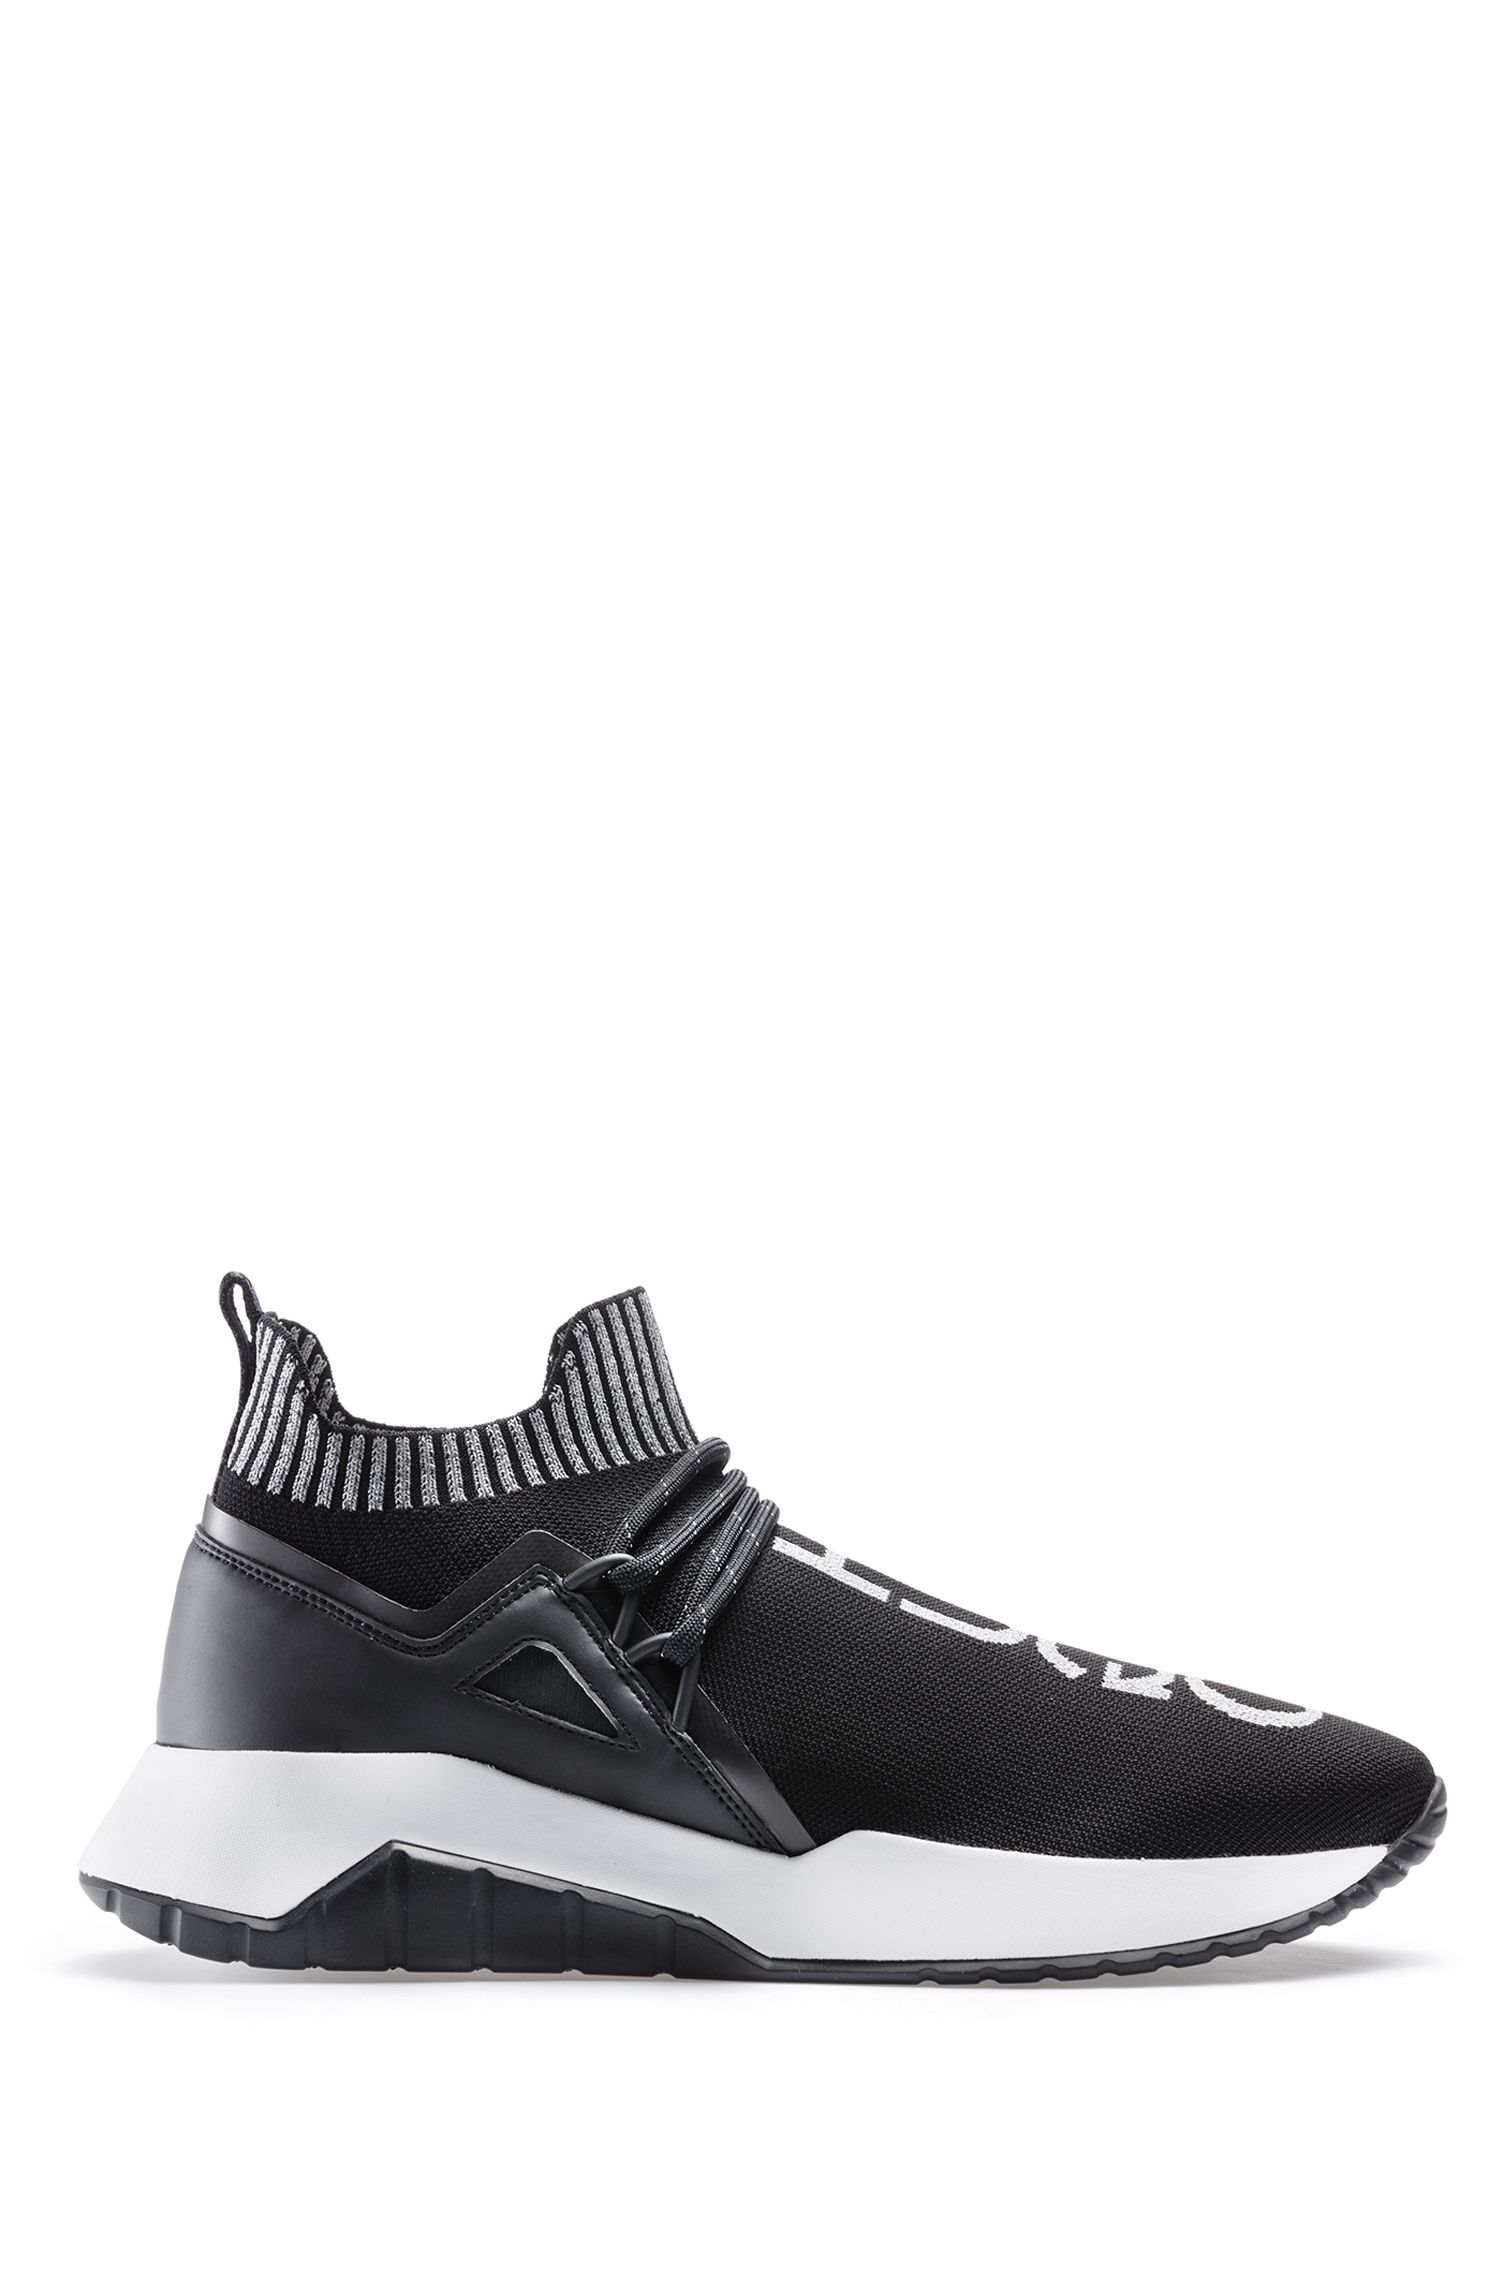 Baskets à logo réfléchissant avec chaussette en maille, Noir